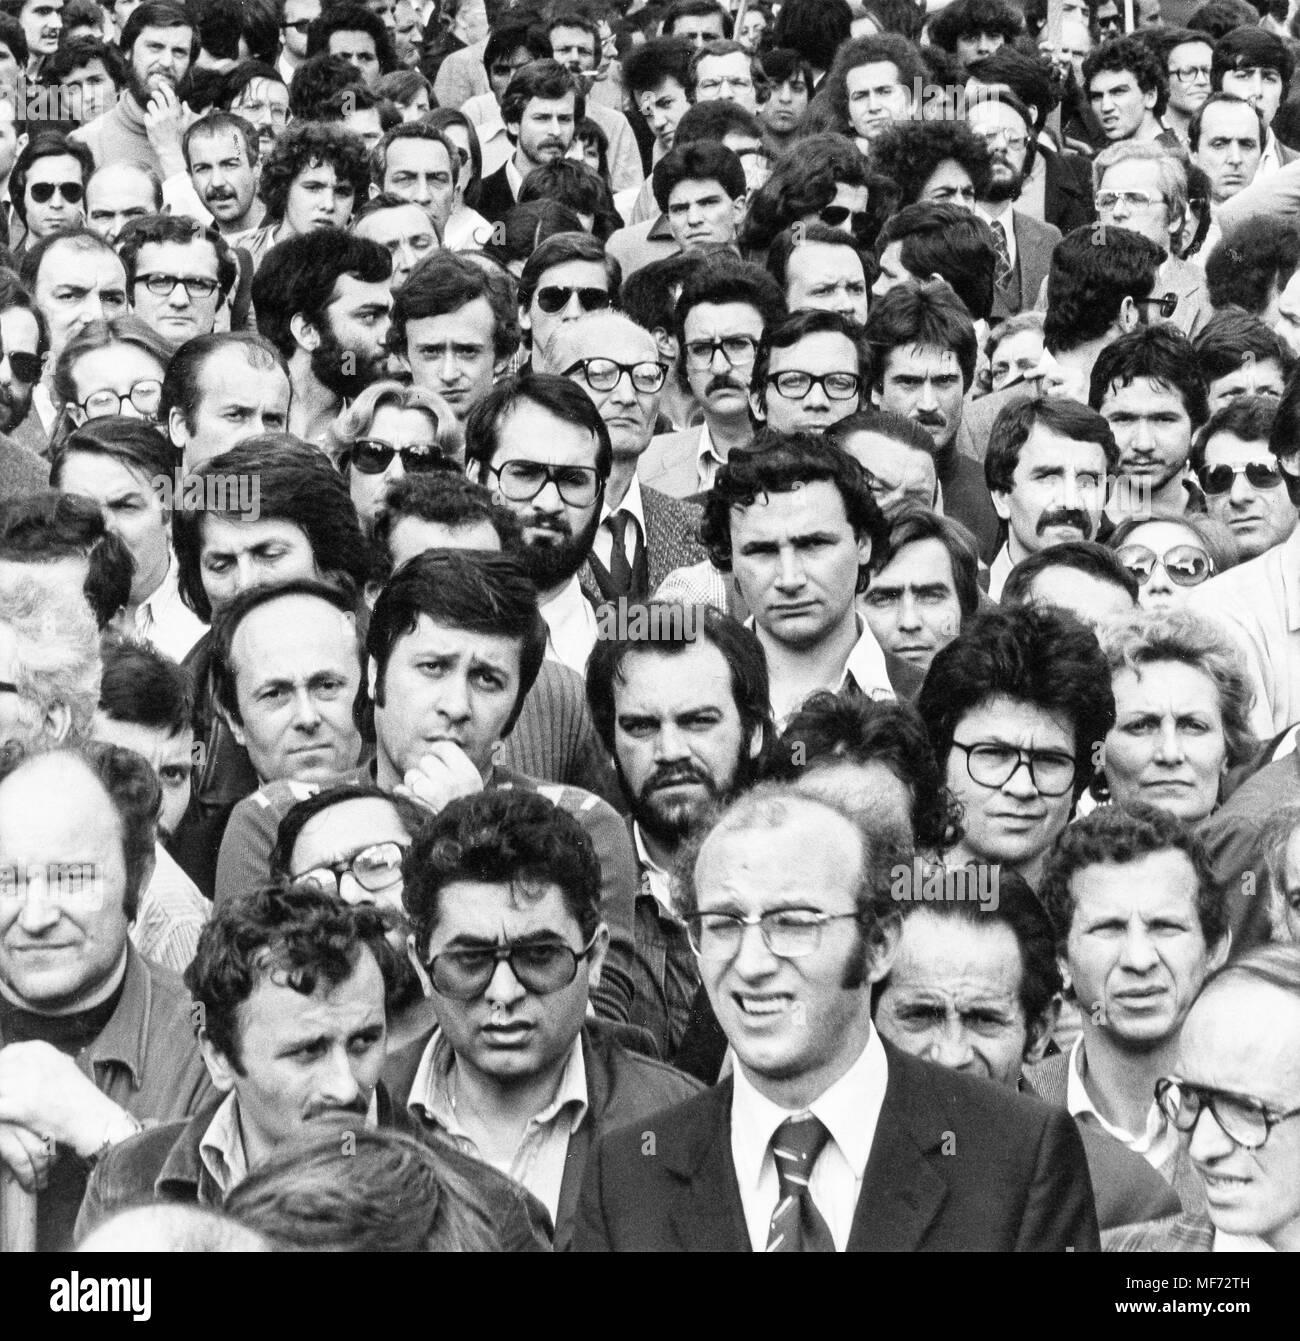 crowd, 70s - Stock Image